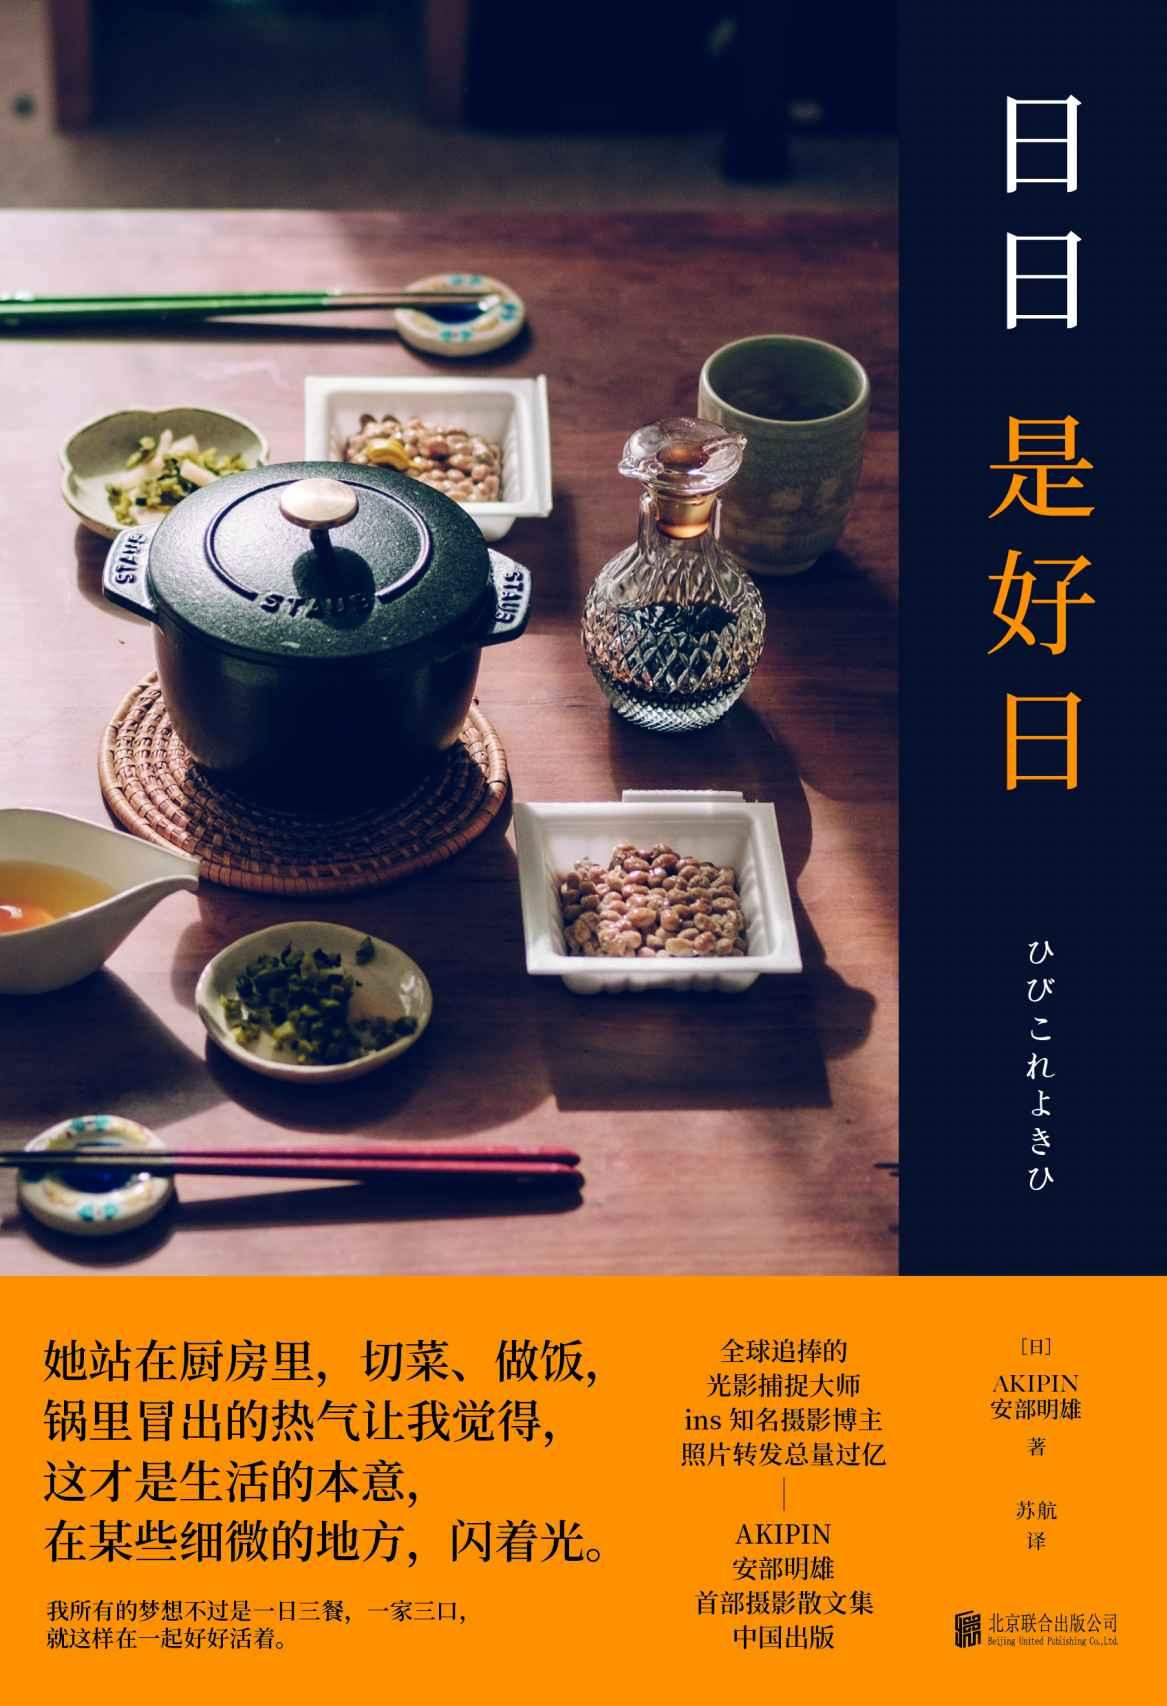 日日是好日(日)AKIPIN安部明雄pdf-epub-mobi-txt-azw3